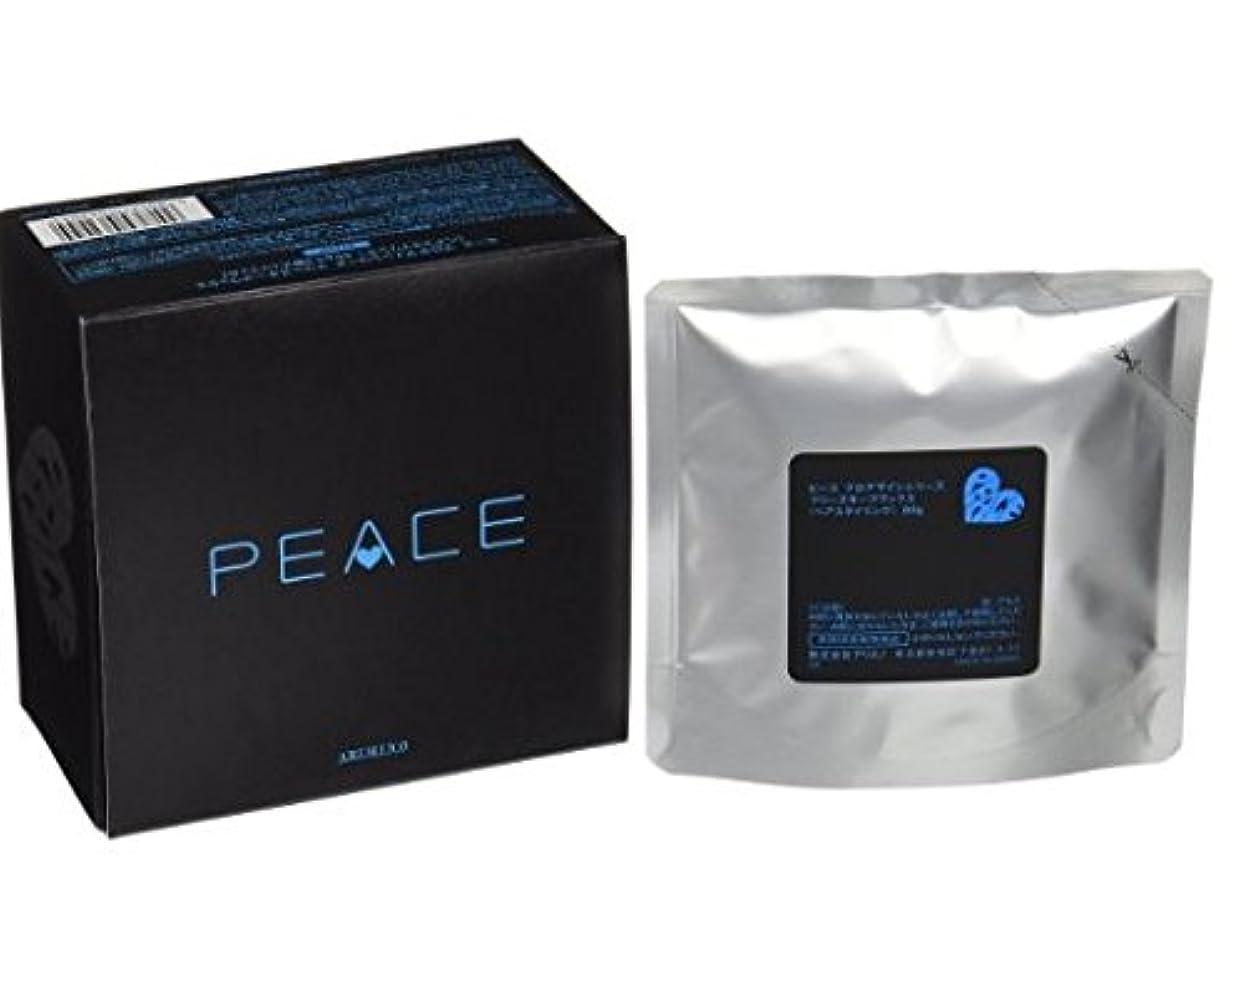 悲鳴青バッジピース プロデザインシリーズ フリーズキープワックス リフィル 80g×3